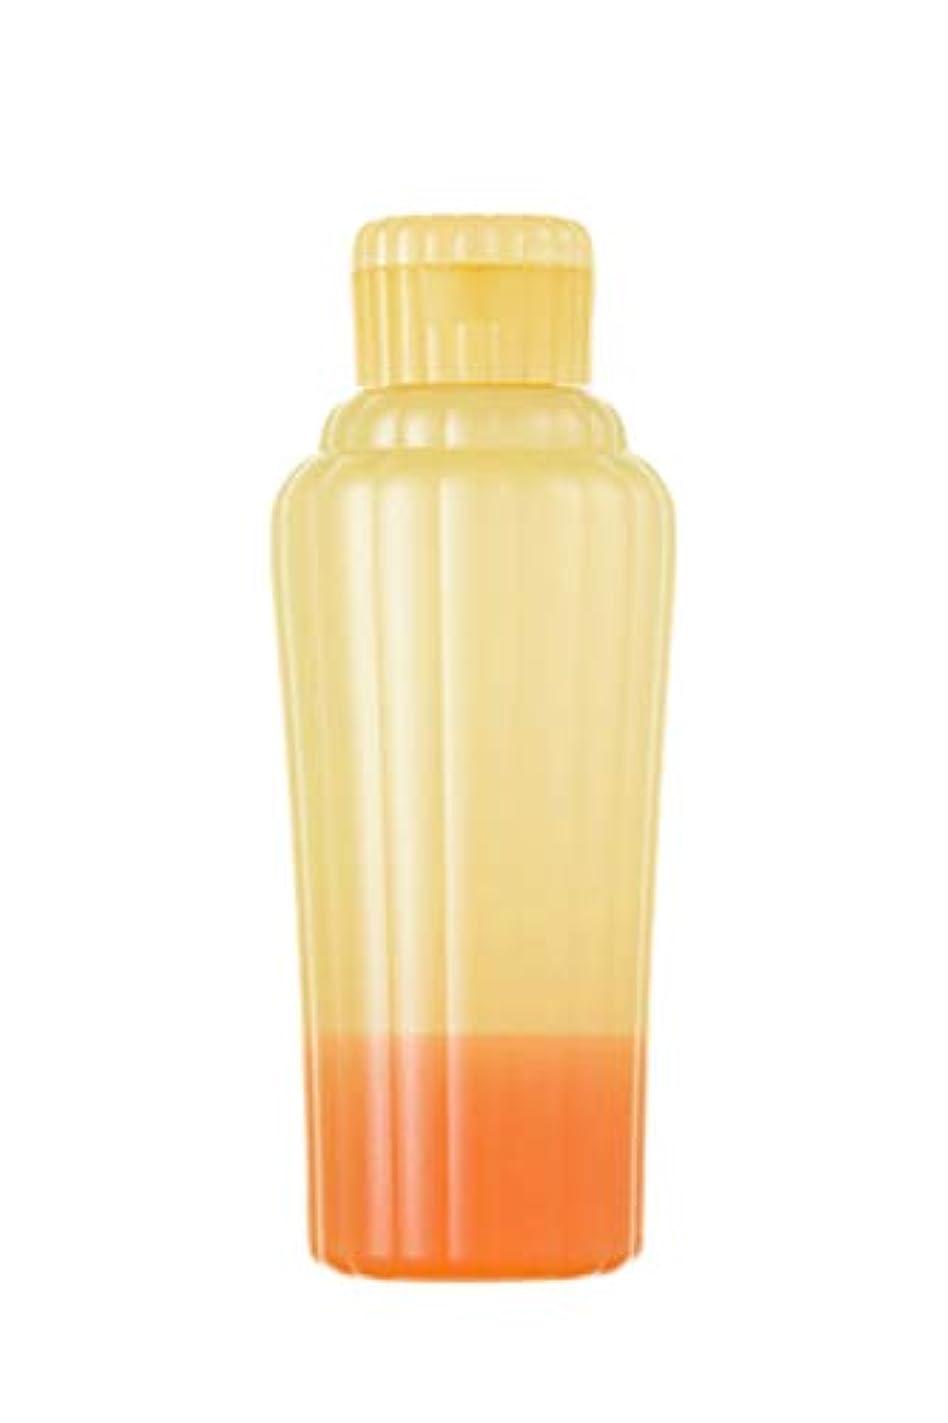 私のにはまって分布アユーラ (AYURA) ウェルバランス ナイトリートバス 300mL 〈浴用 入浴剤〉 うるおい スキンケア アロマティックハーブの香り